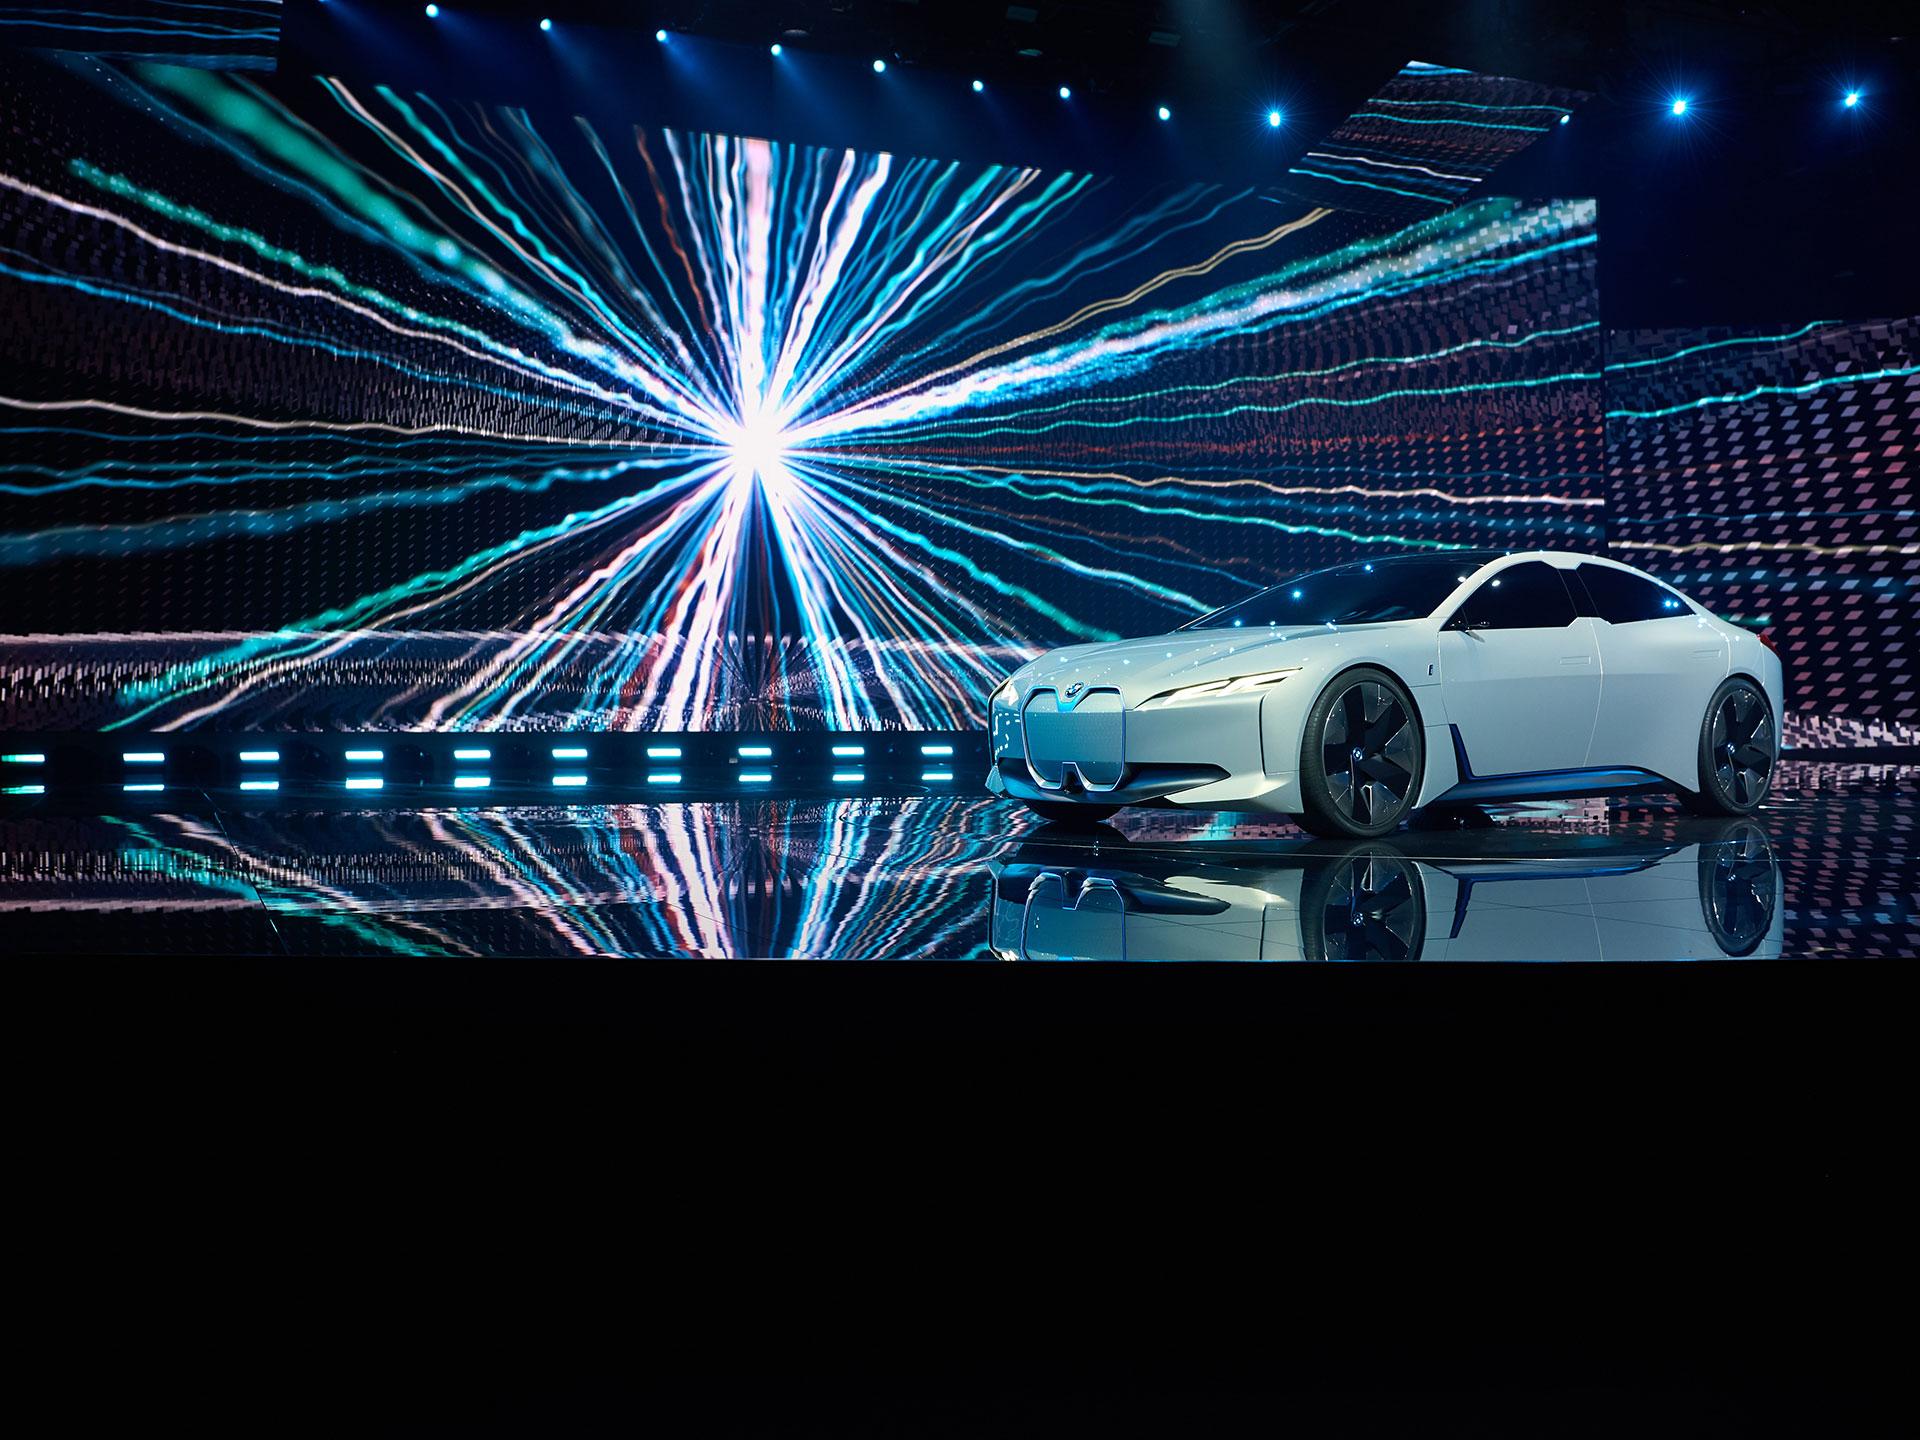 El BMW i Visión Dynamics fue el lanzamiento más esencial de la firma bávara, toda vez que es el estandarte de su estratagema de electrificación hasta 2025. Foto: BMW